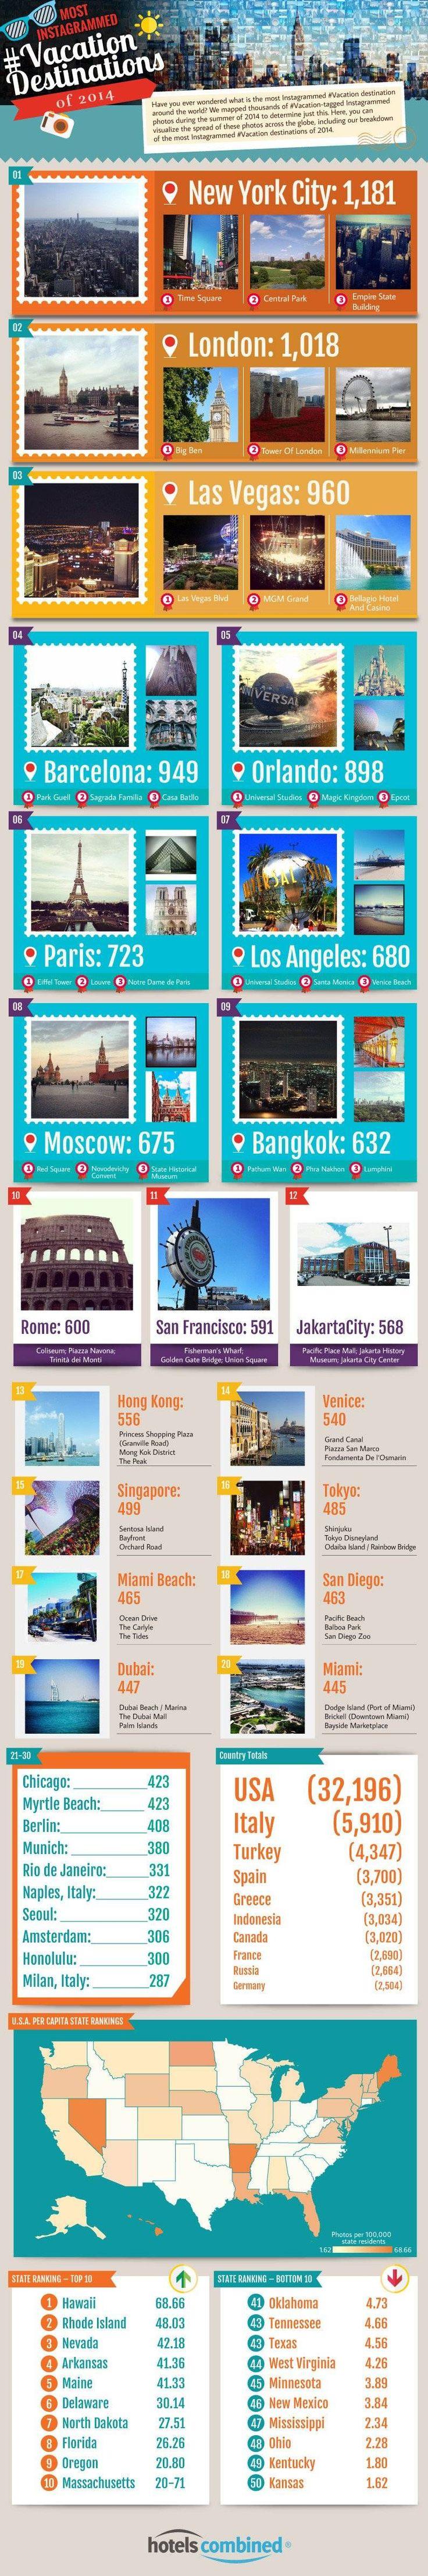 Los destinos de vacaciones más instagrameados